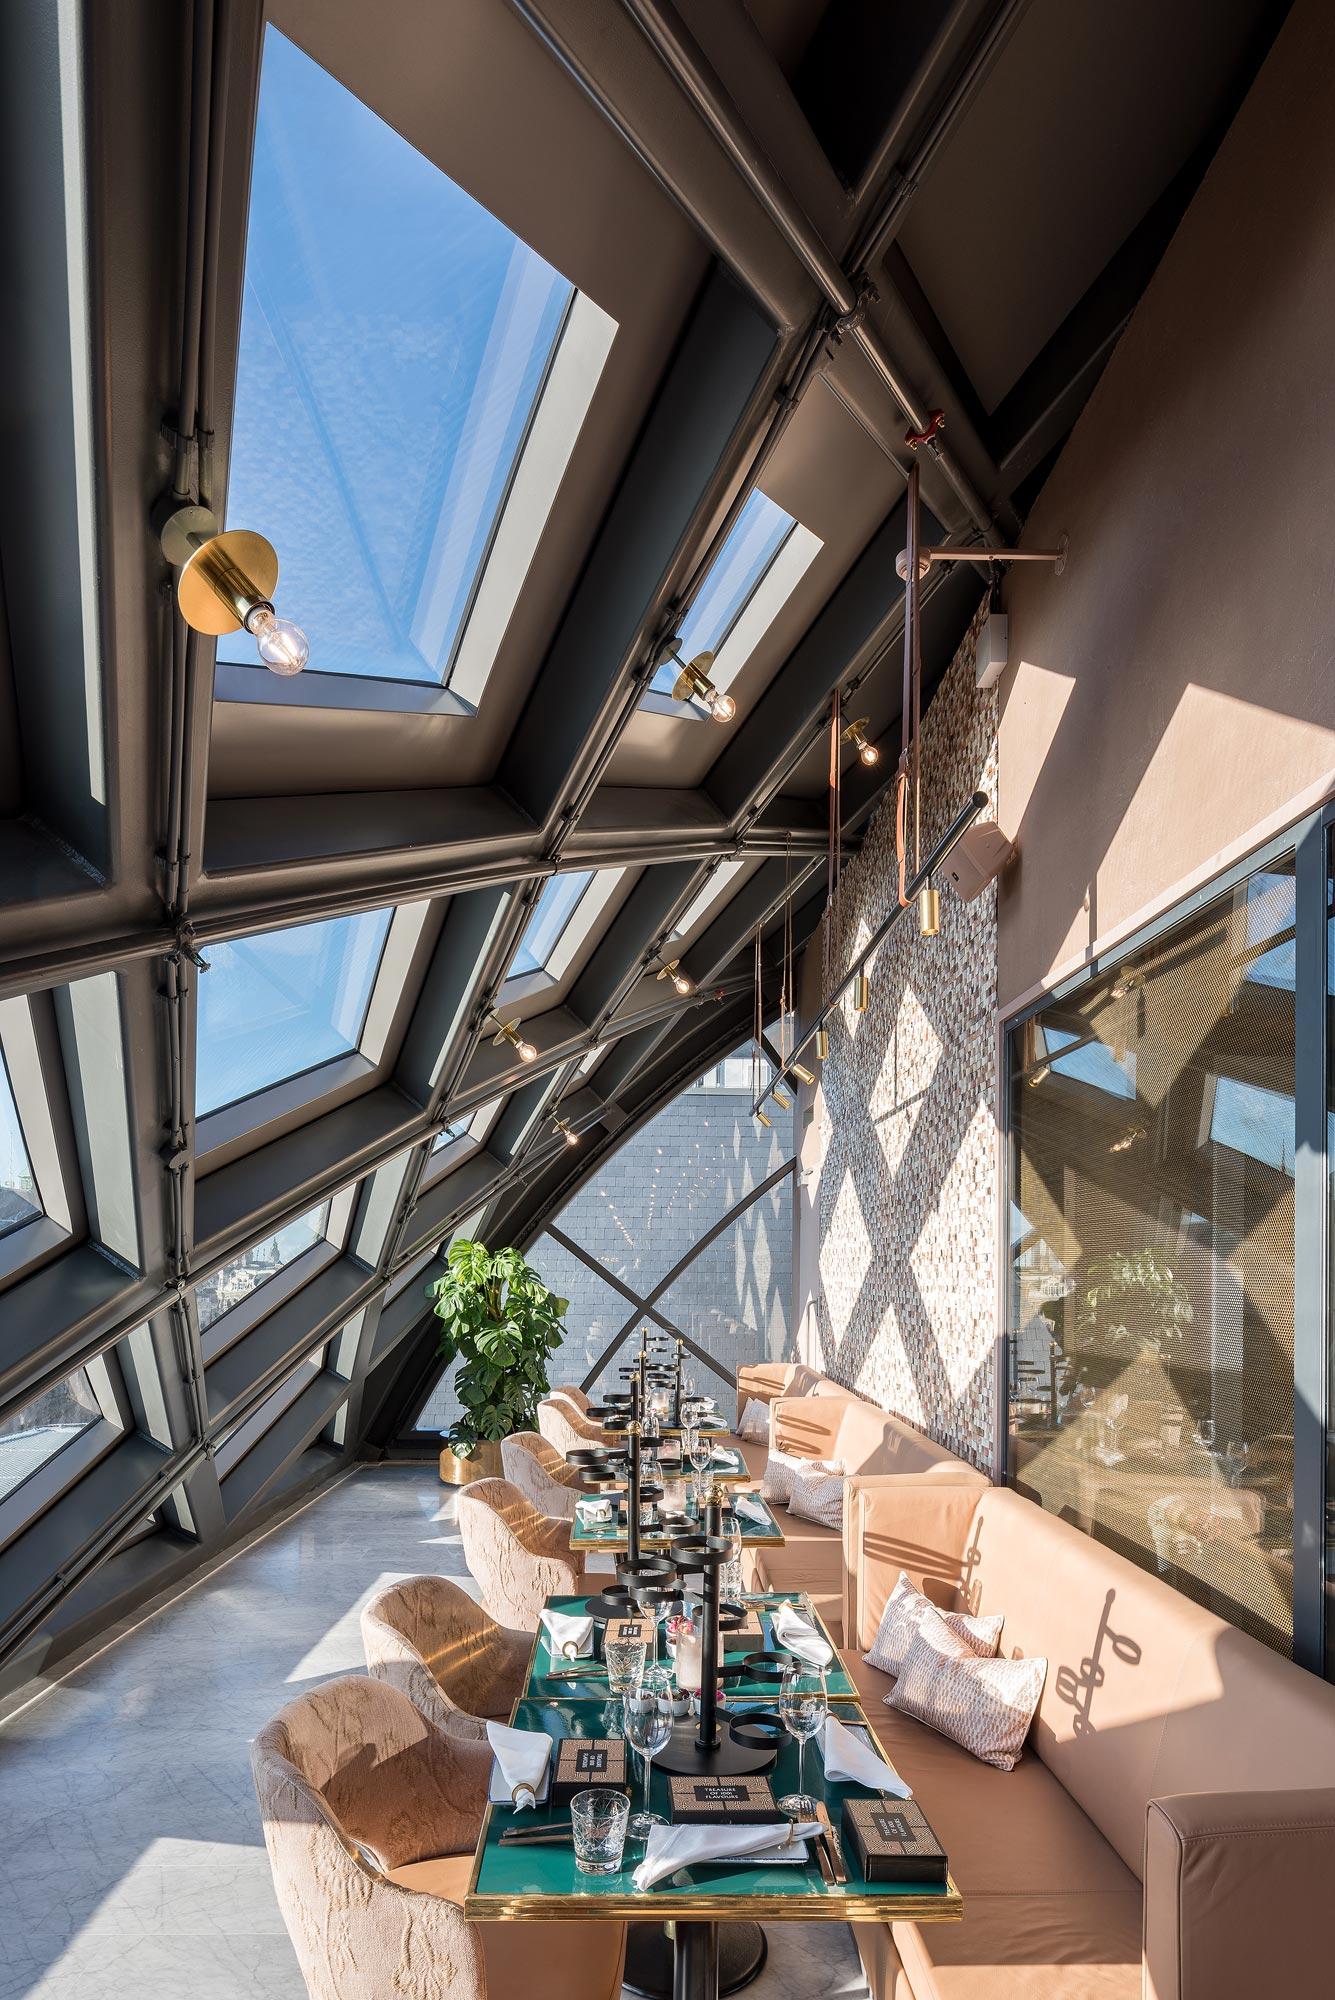 Nacarat restaurant Amsterdam door Chiel de Nooyer fotograaf